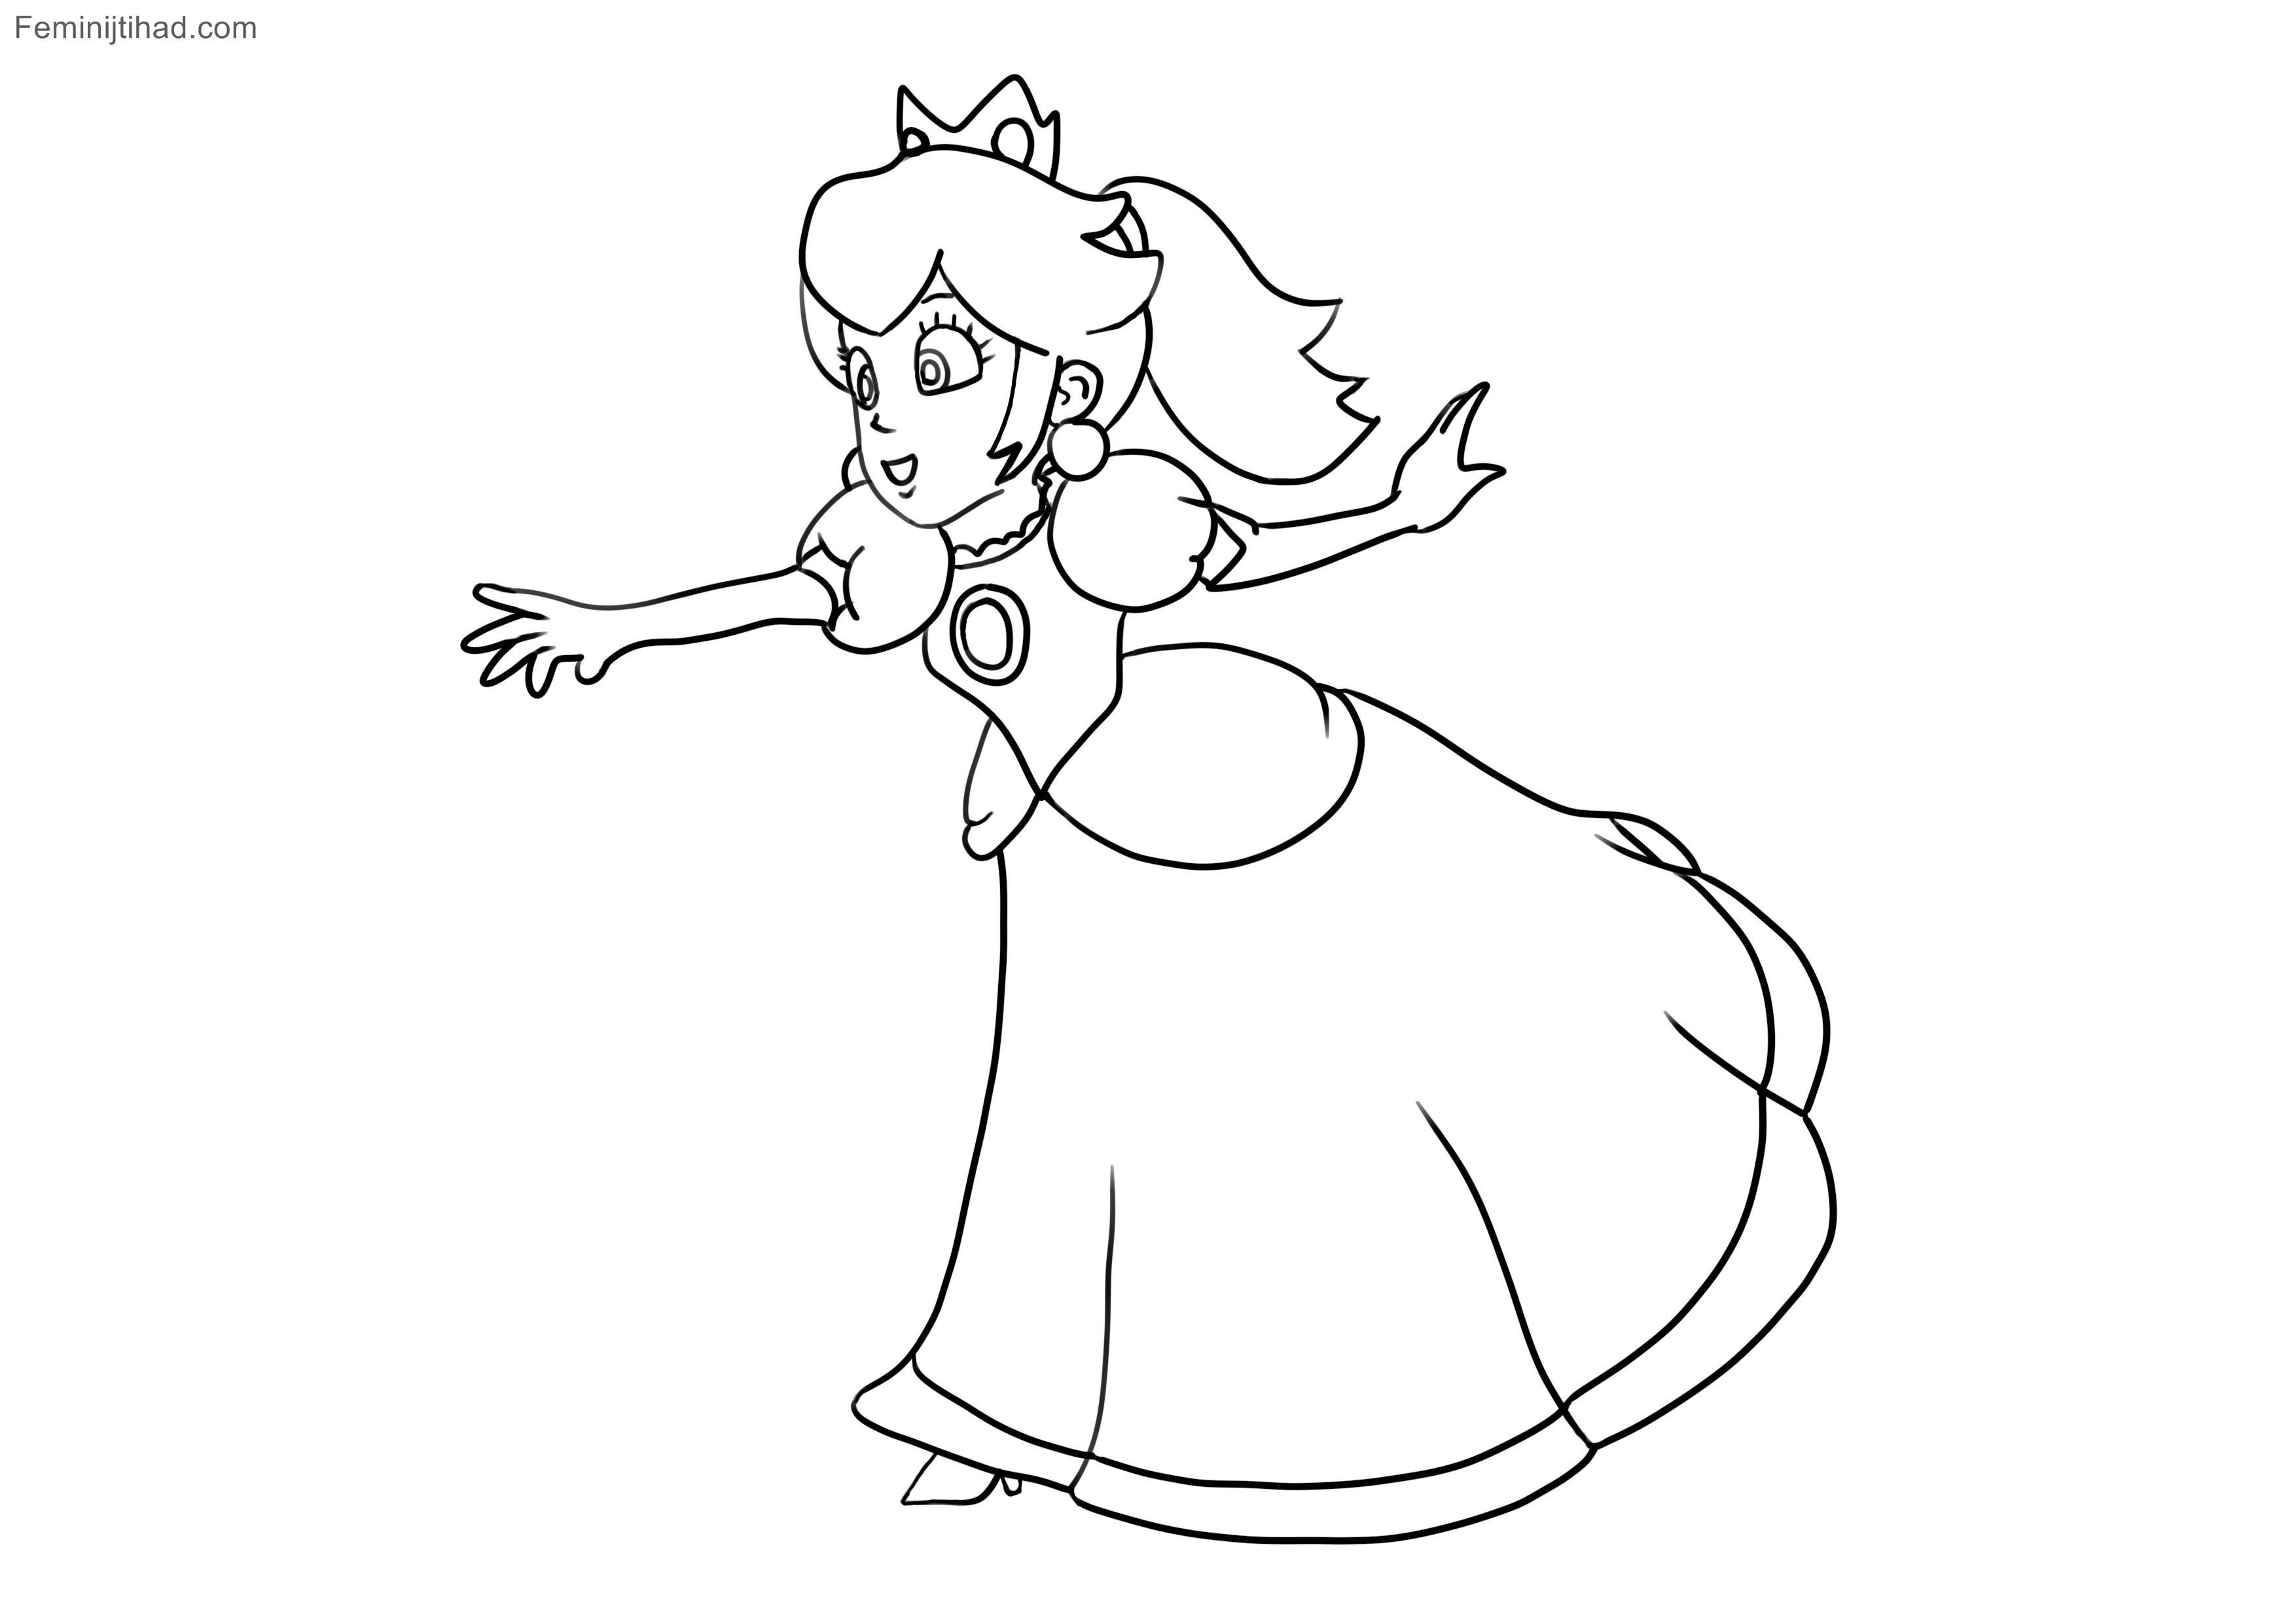 Ausmalbilder Peach  Super Mario Ausmalen Neu 37 Super Mario Kart Ausmalbilder